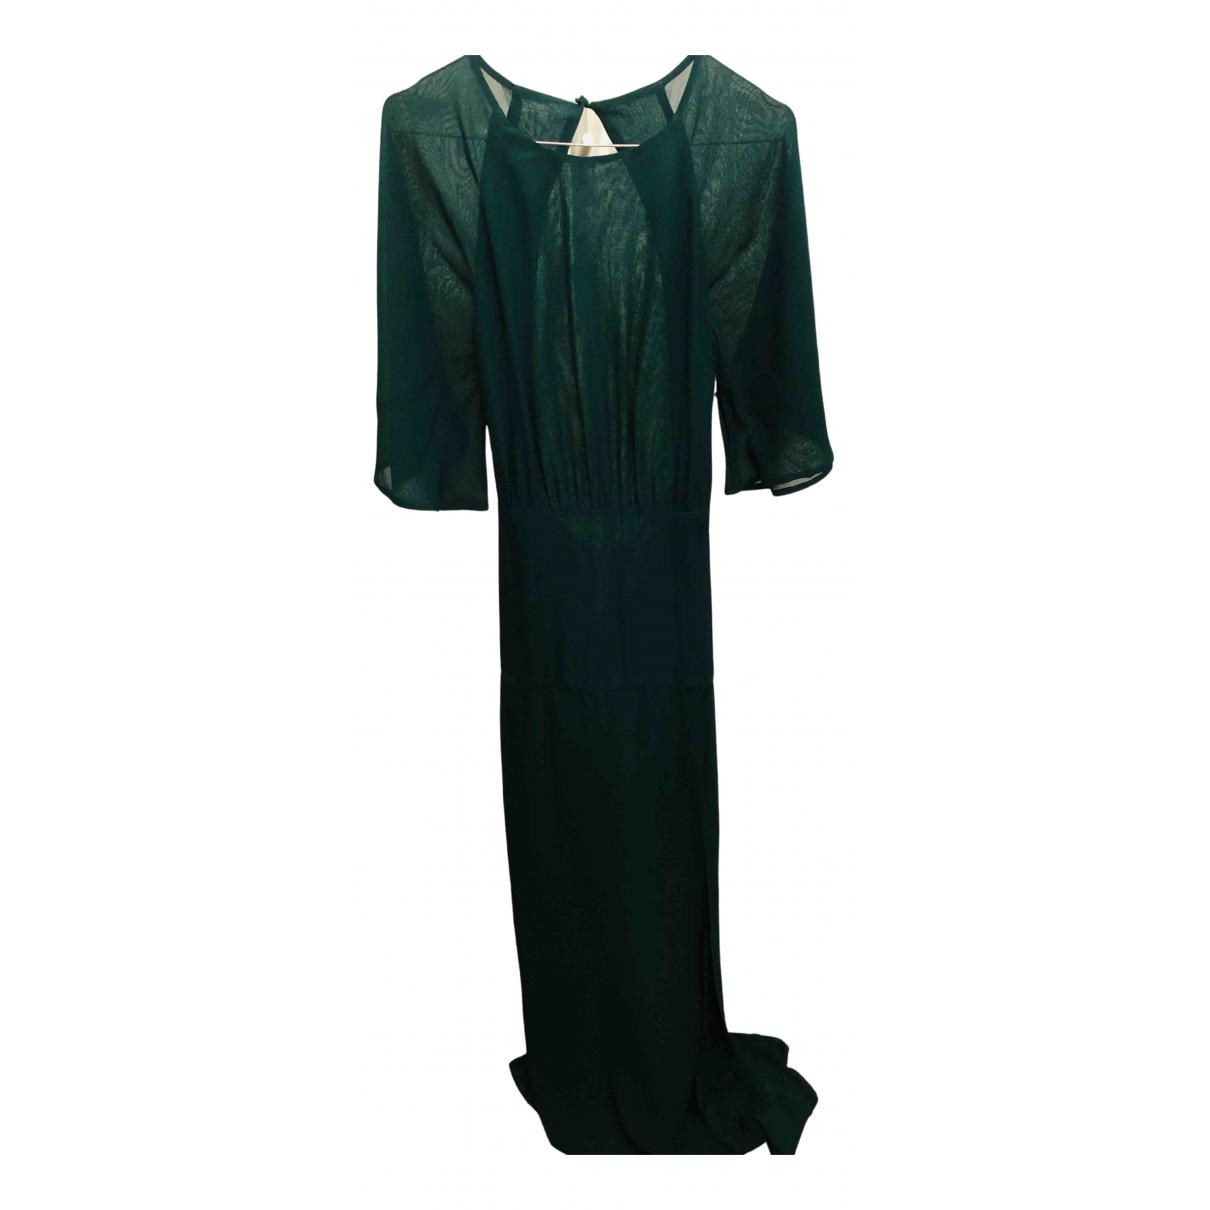 Reformation \N Green dress for Women 38 IT